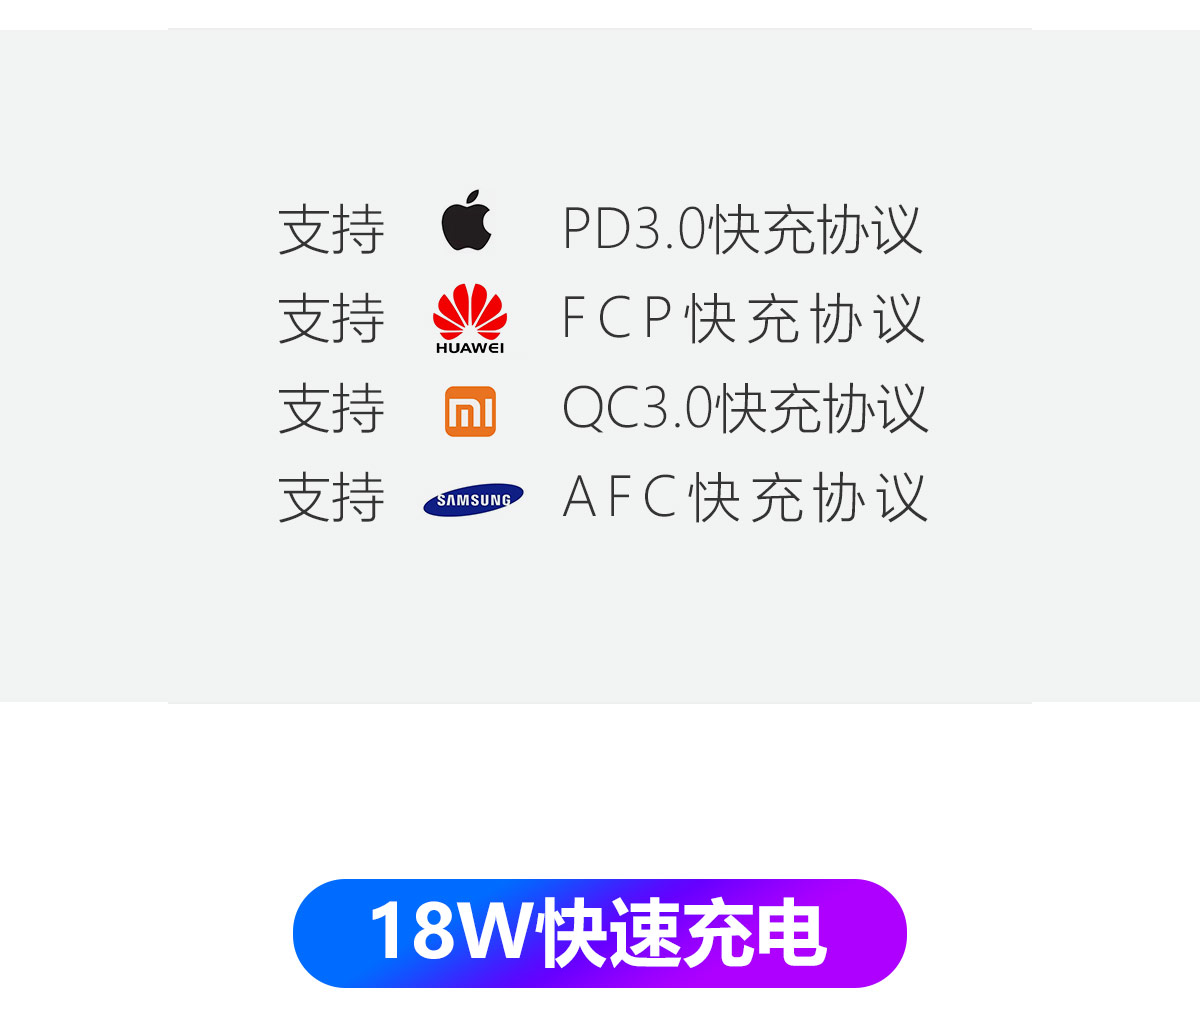 支持苹果PD3.0快充协议 支持华为FCP快充协议 支持小米QC3.0快充协议 支持三星AFC快充协议 18W快速充电